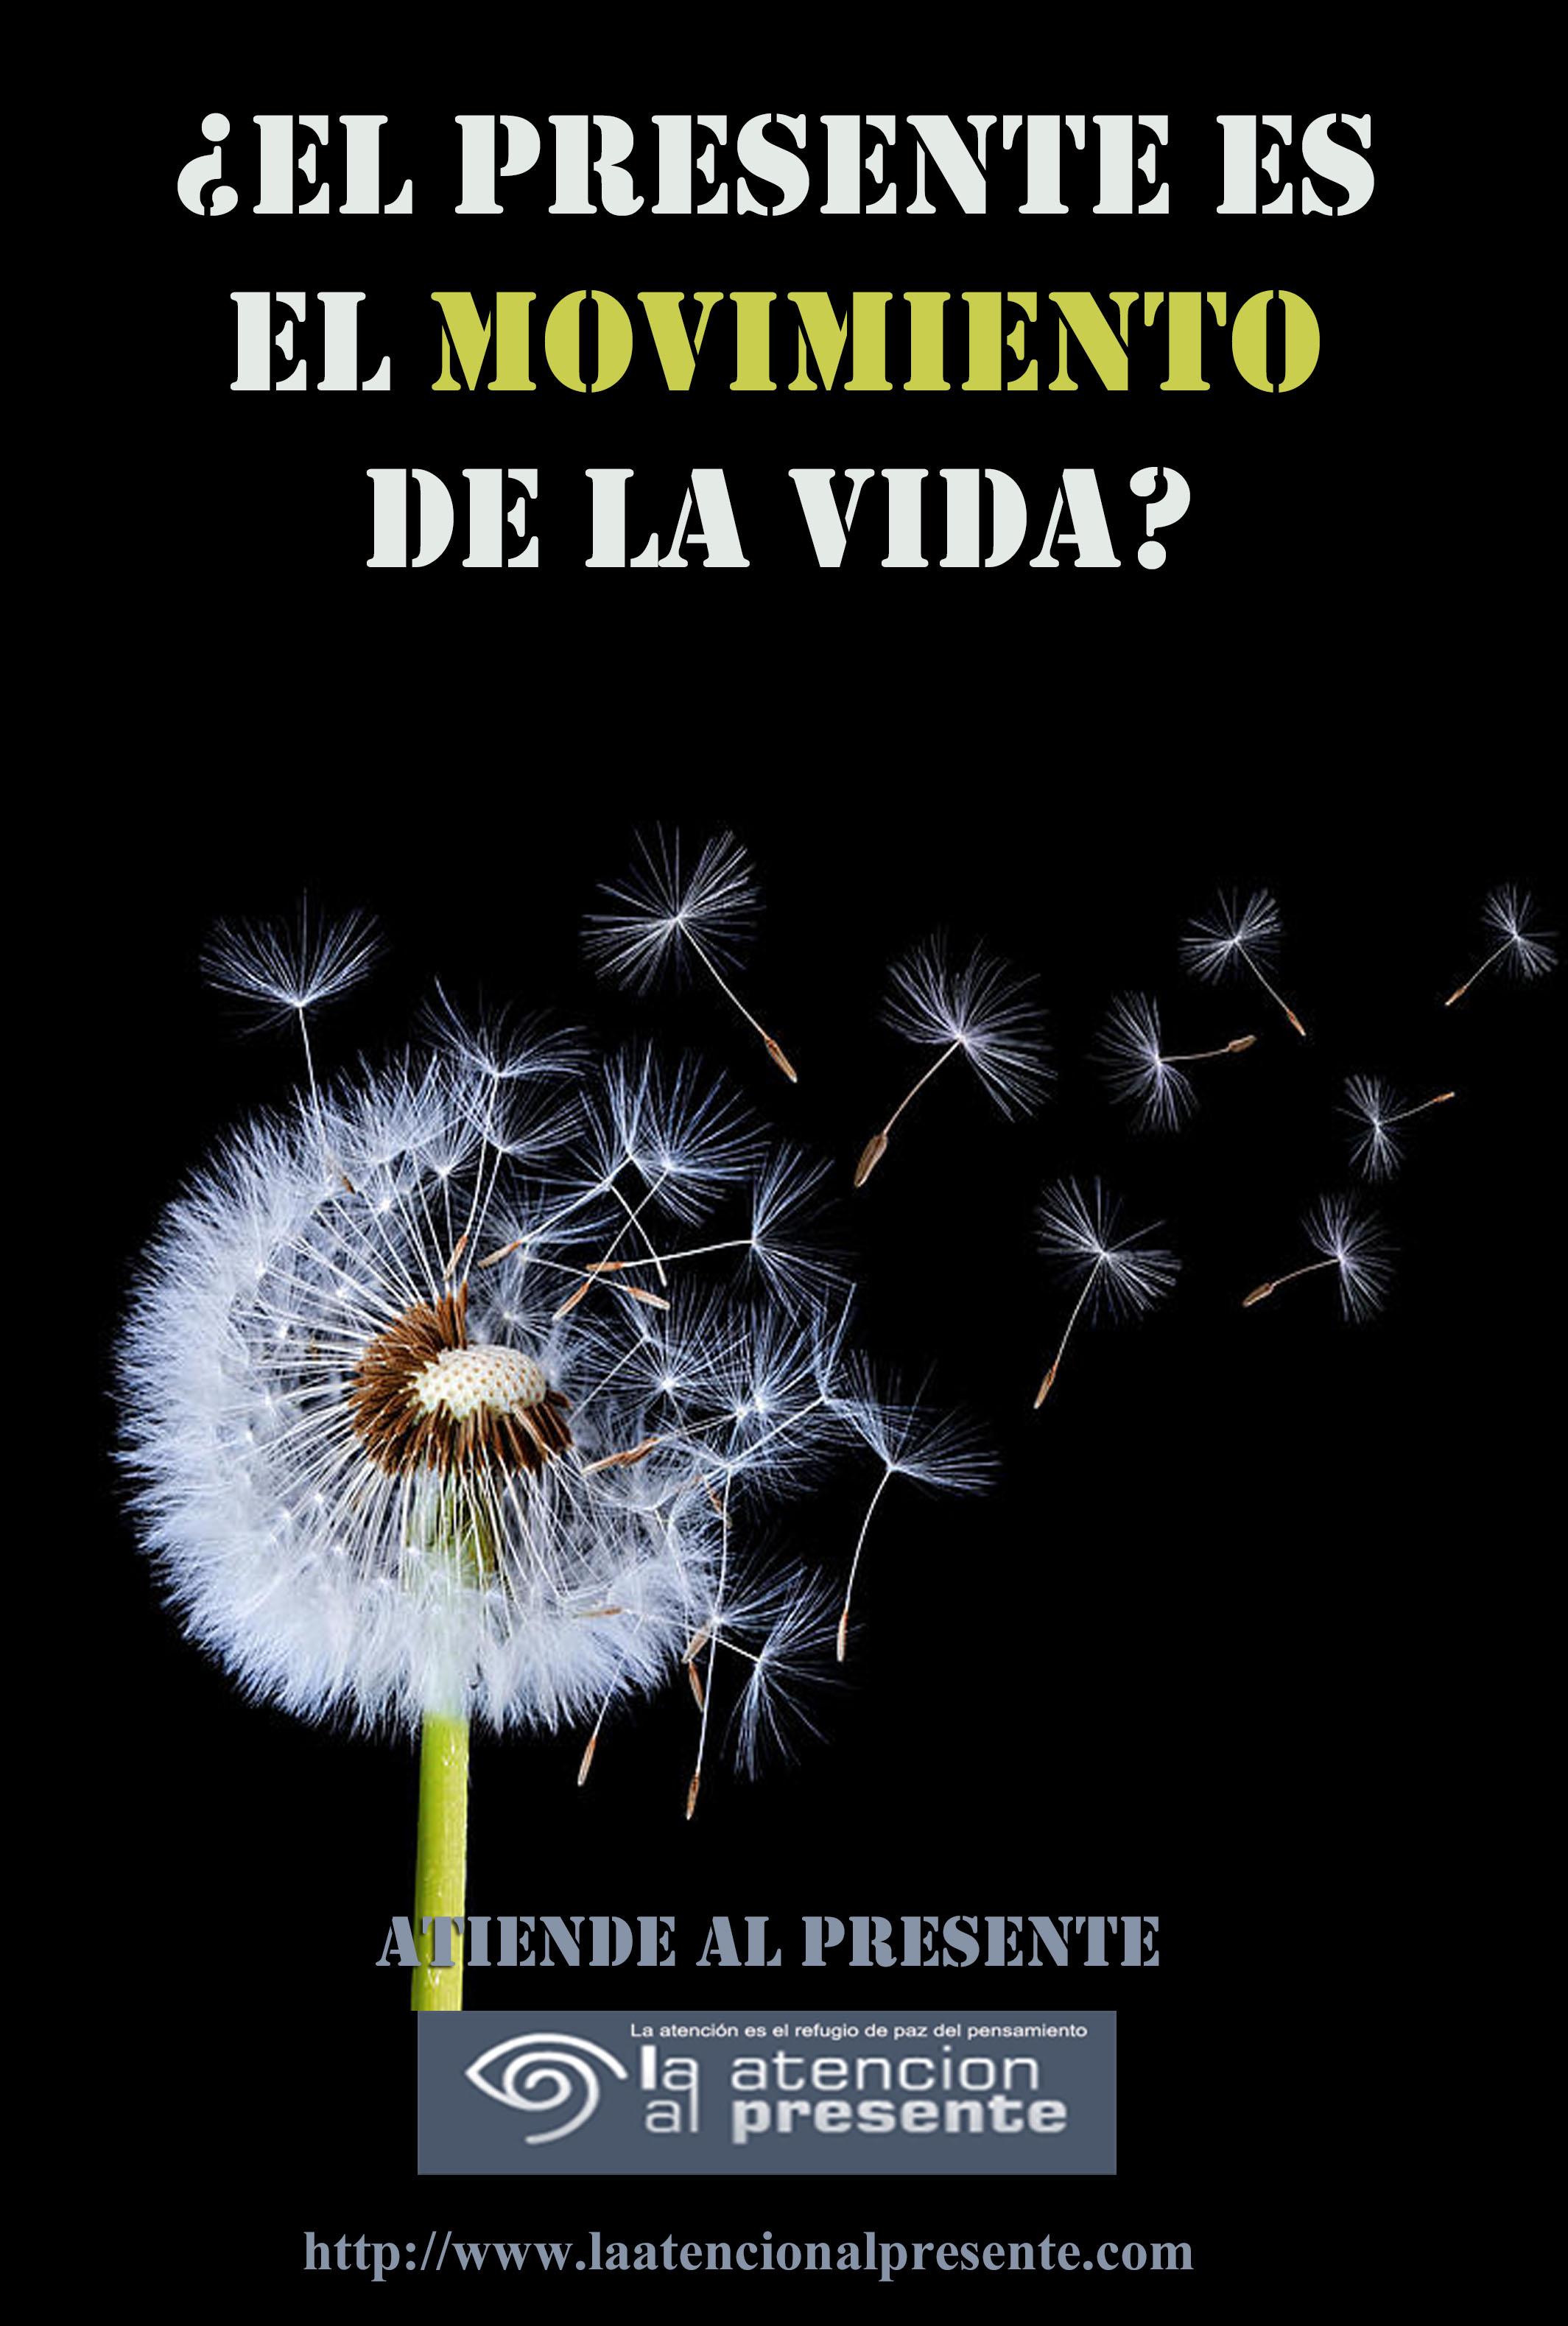 15 de mayo Esteban El PRESENTE es el MOVIMIENTO de la VIDA